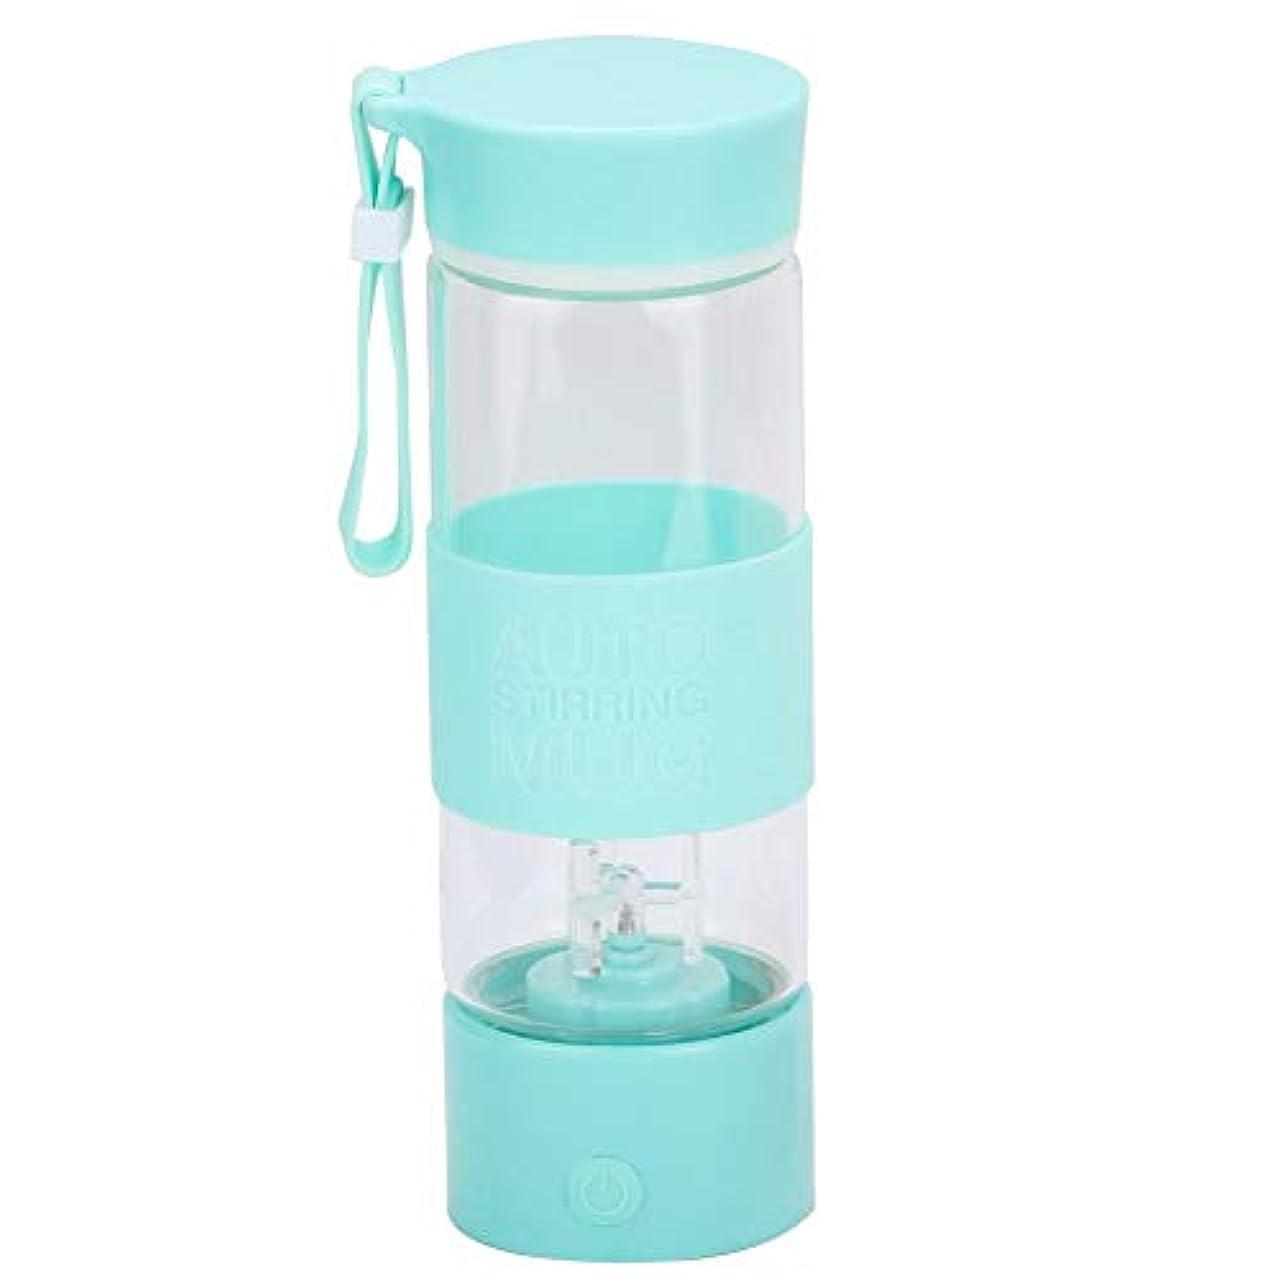 タイトイソギンチャクタッチBlenderBottle、400ml電動自動混合コーヒー攪拌ボトル高ホウケイ酸ガラス断熱ボトル、ポータブルシリコンロープ付き(緑)